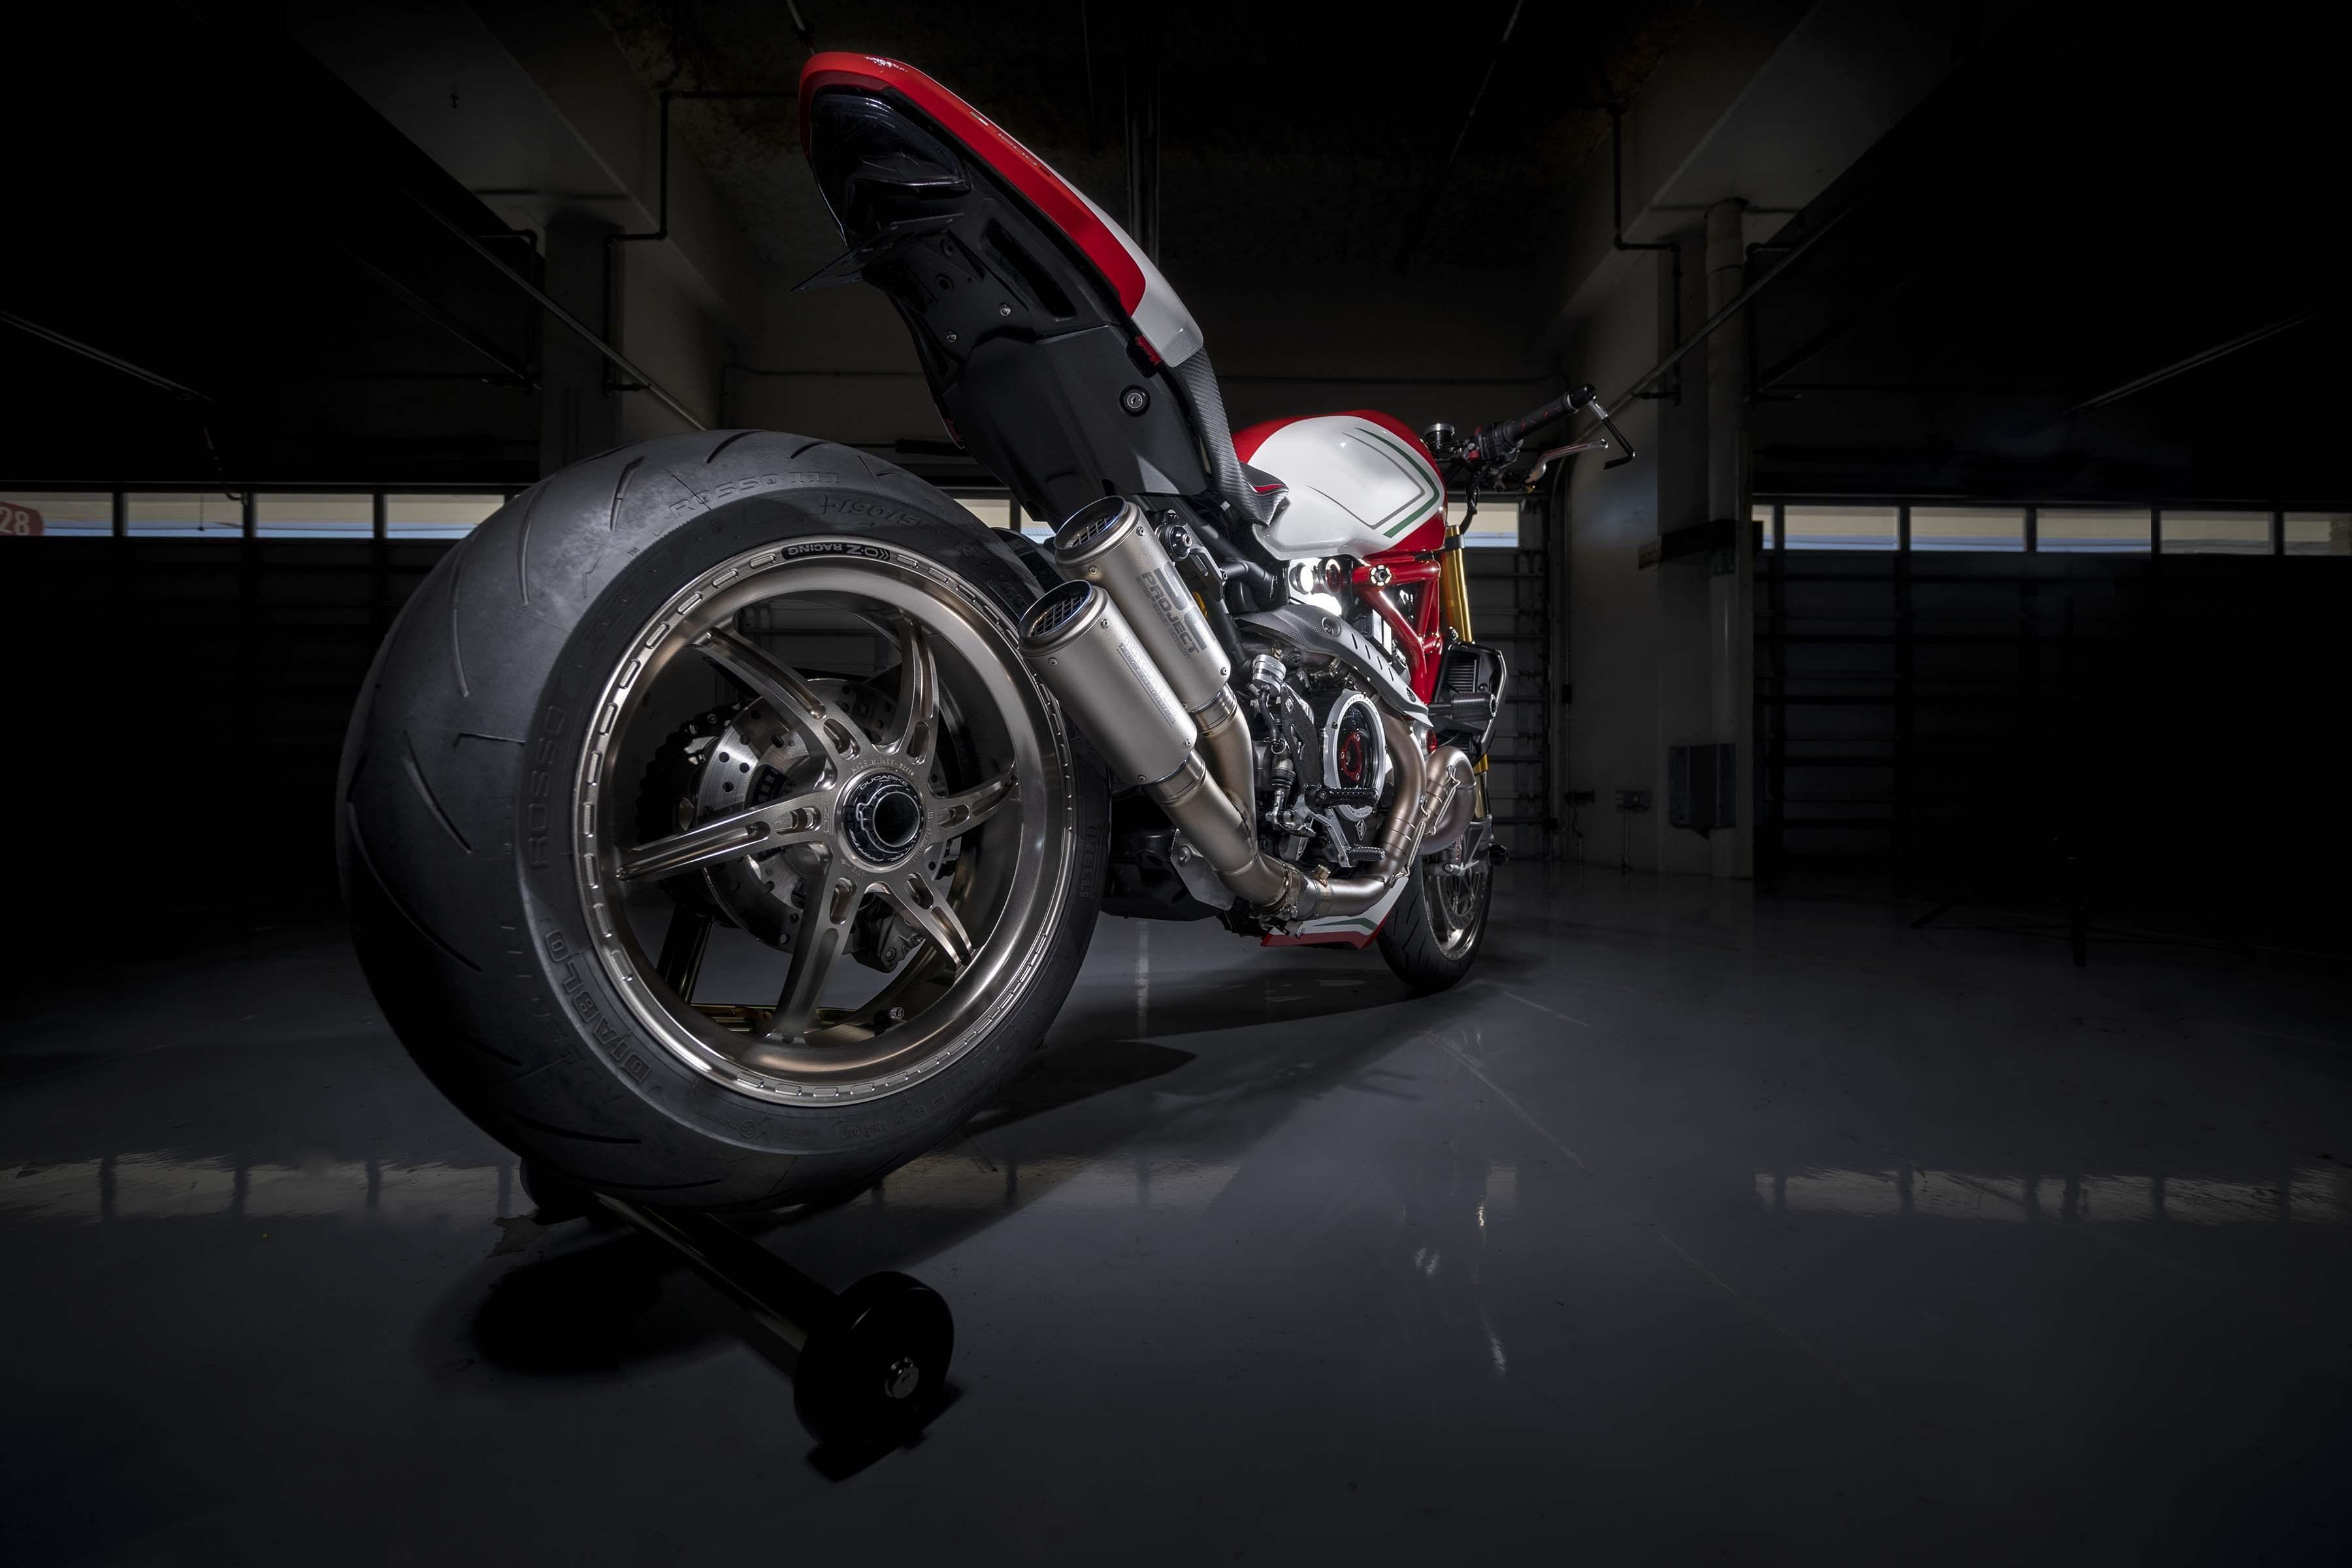 Ducati-Monster-1200-Tricolore-Motovation-17